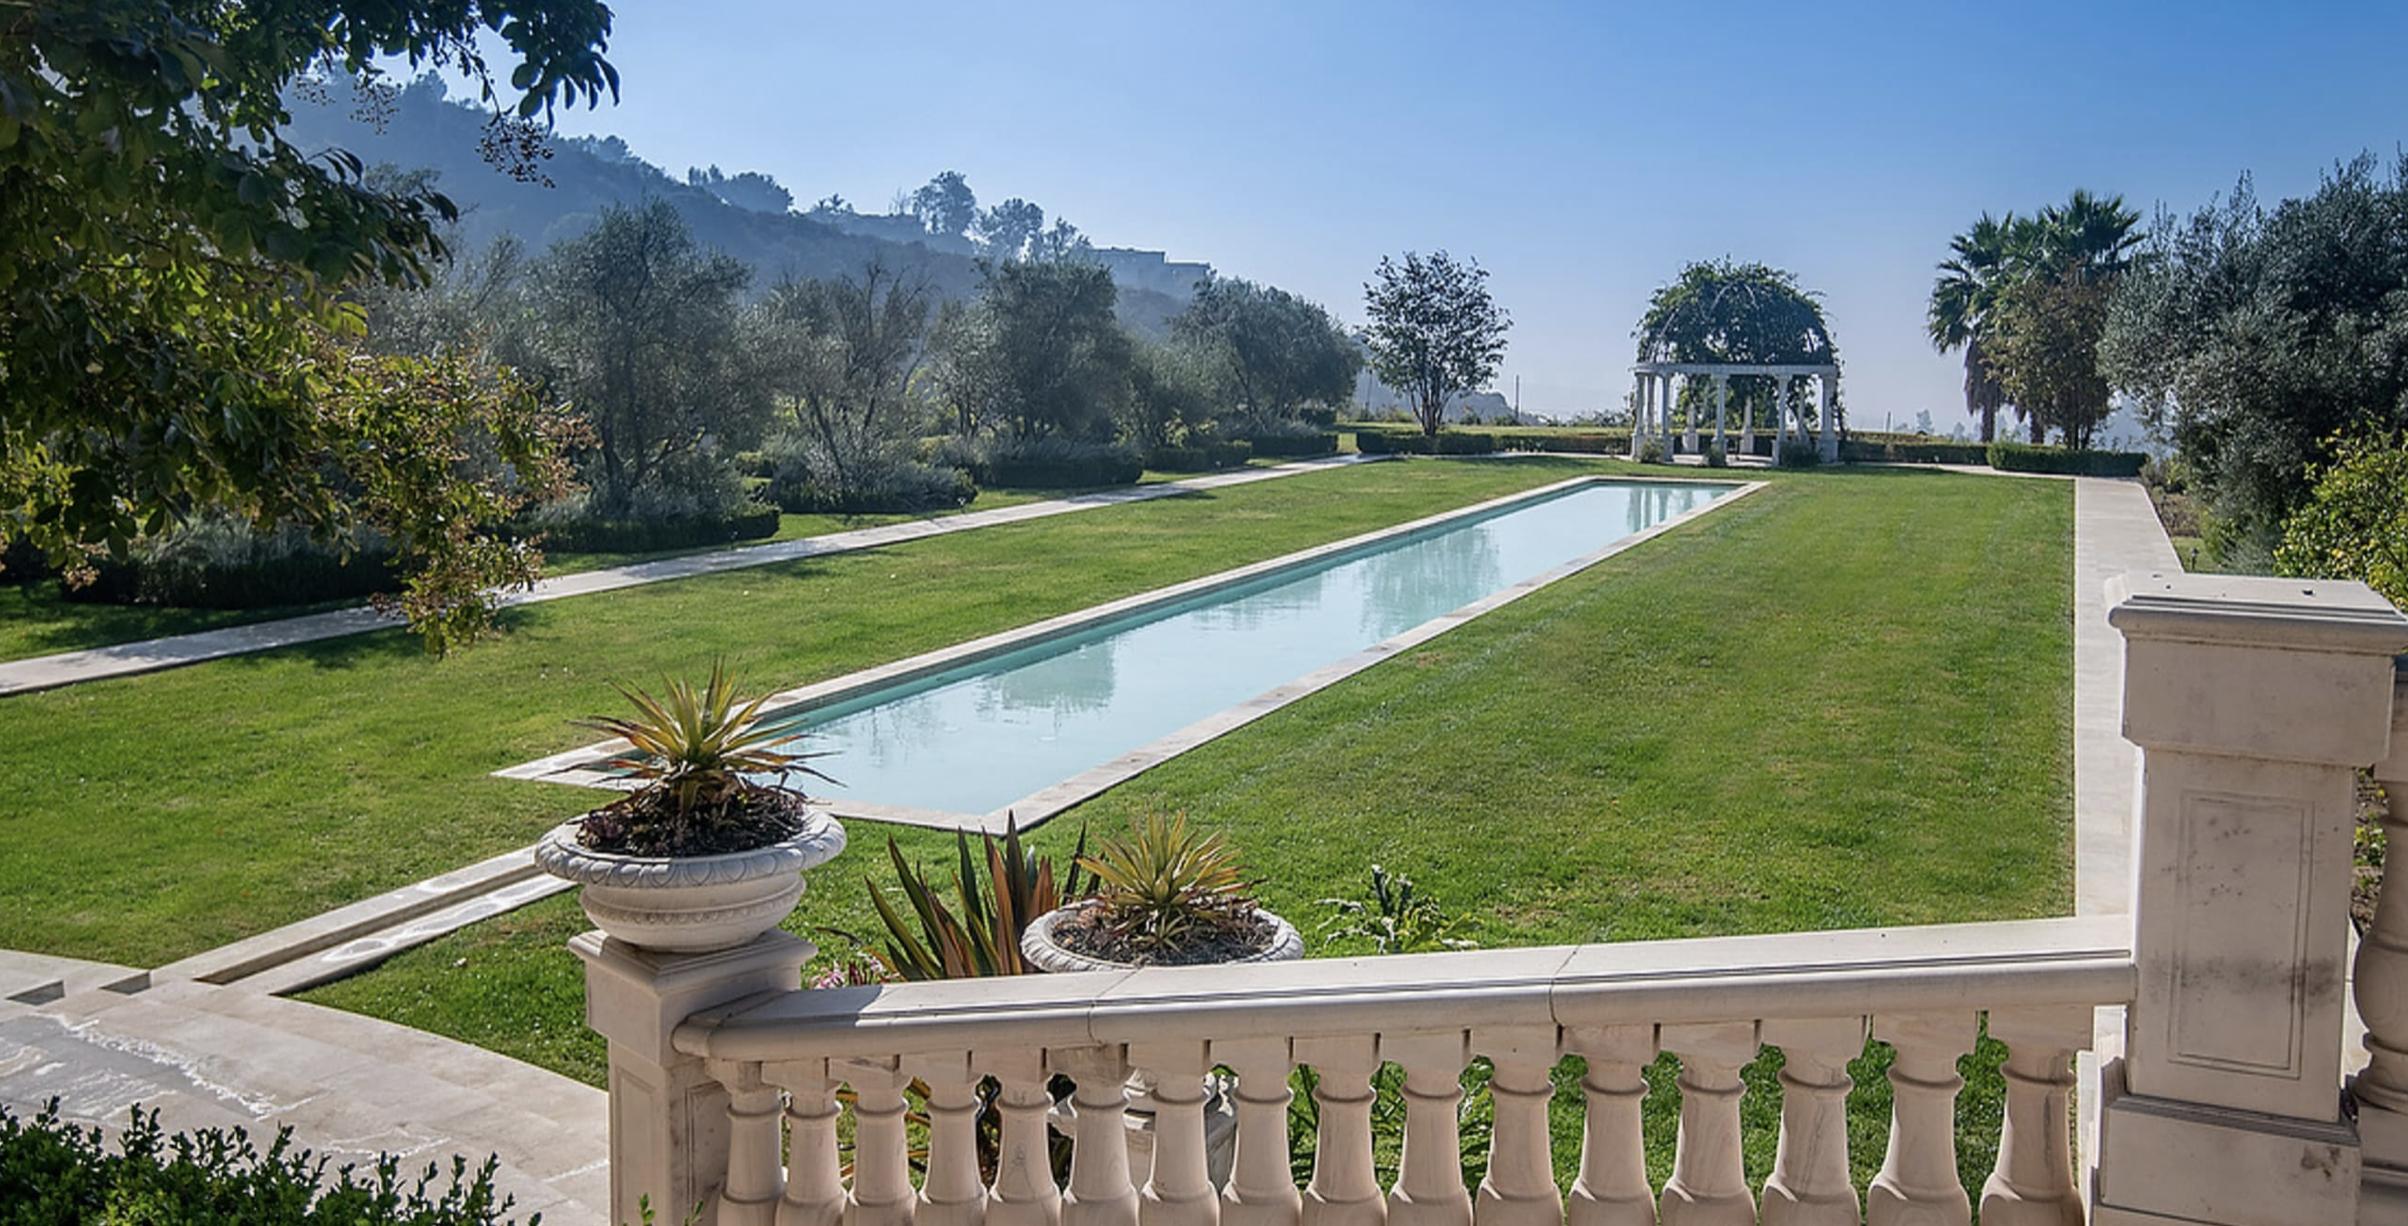 #mls #Realestate #propertyforsale #houseforsale #home #homesforsale #housesforrent #luxury #California #Beverlyhills #Ahavajerusalem #realtor, pool